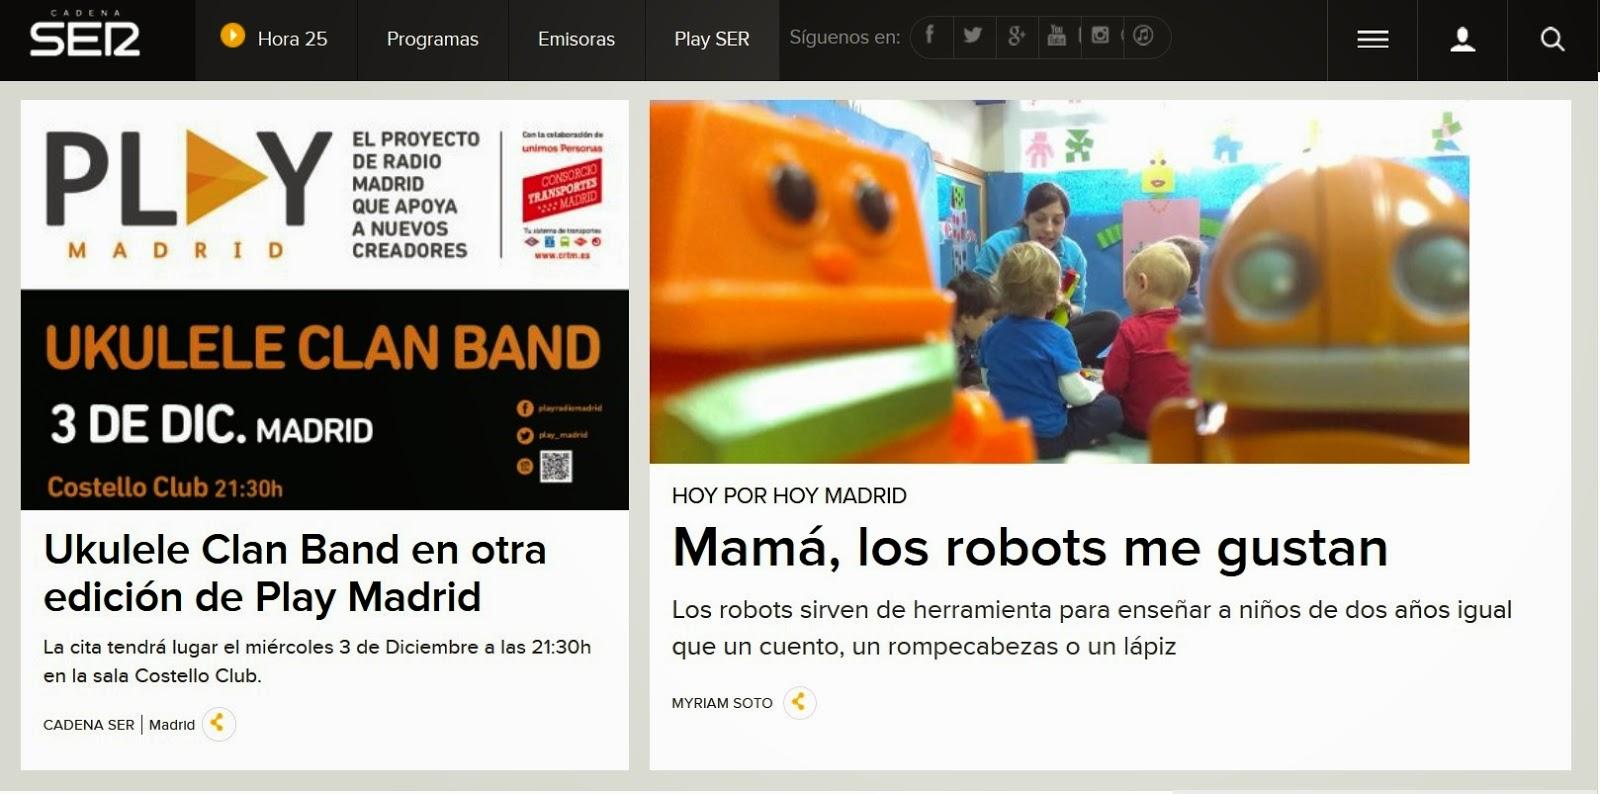 http://cadenaser.com/emisora/2014/11/27/radio_madrid/1417099476_243819.html